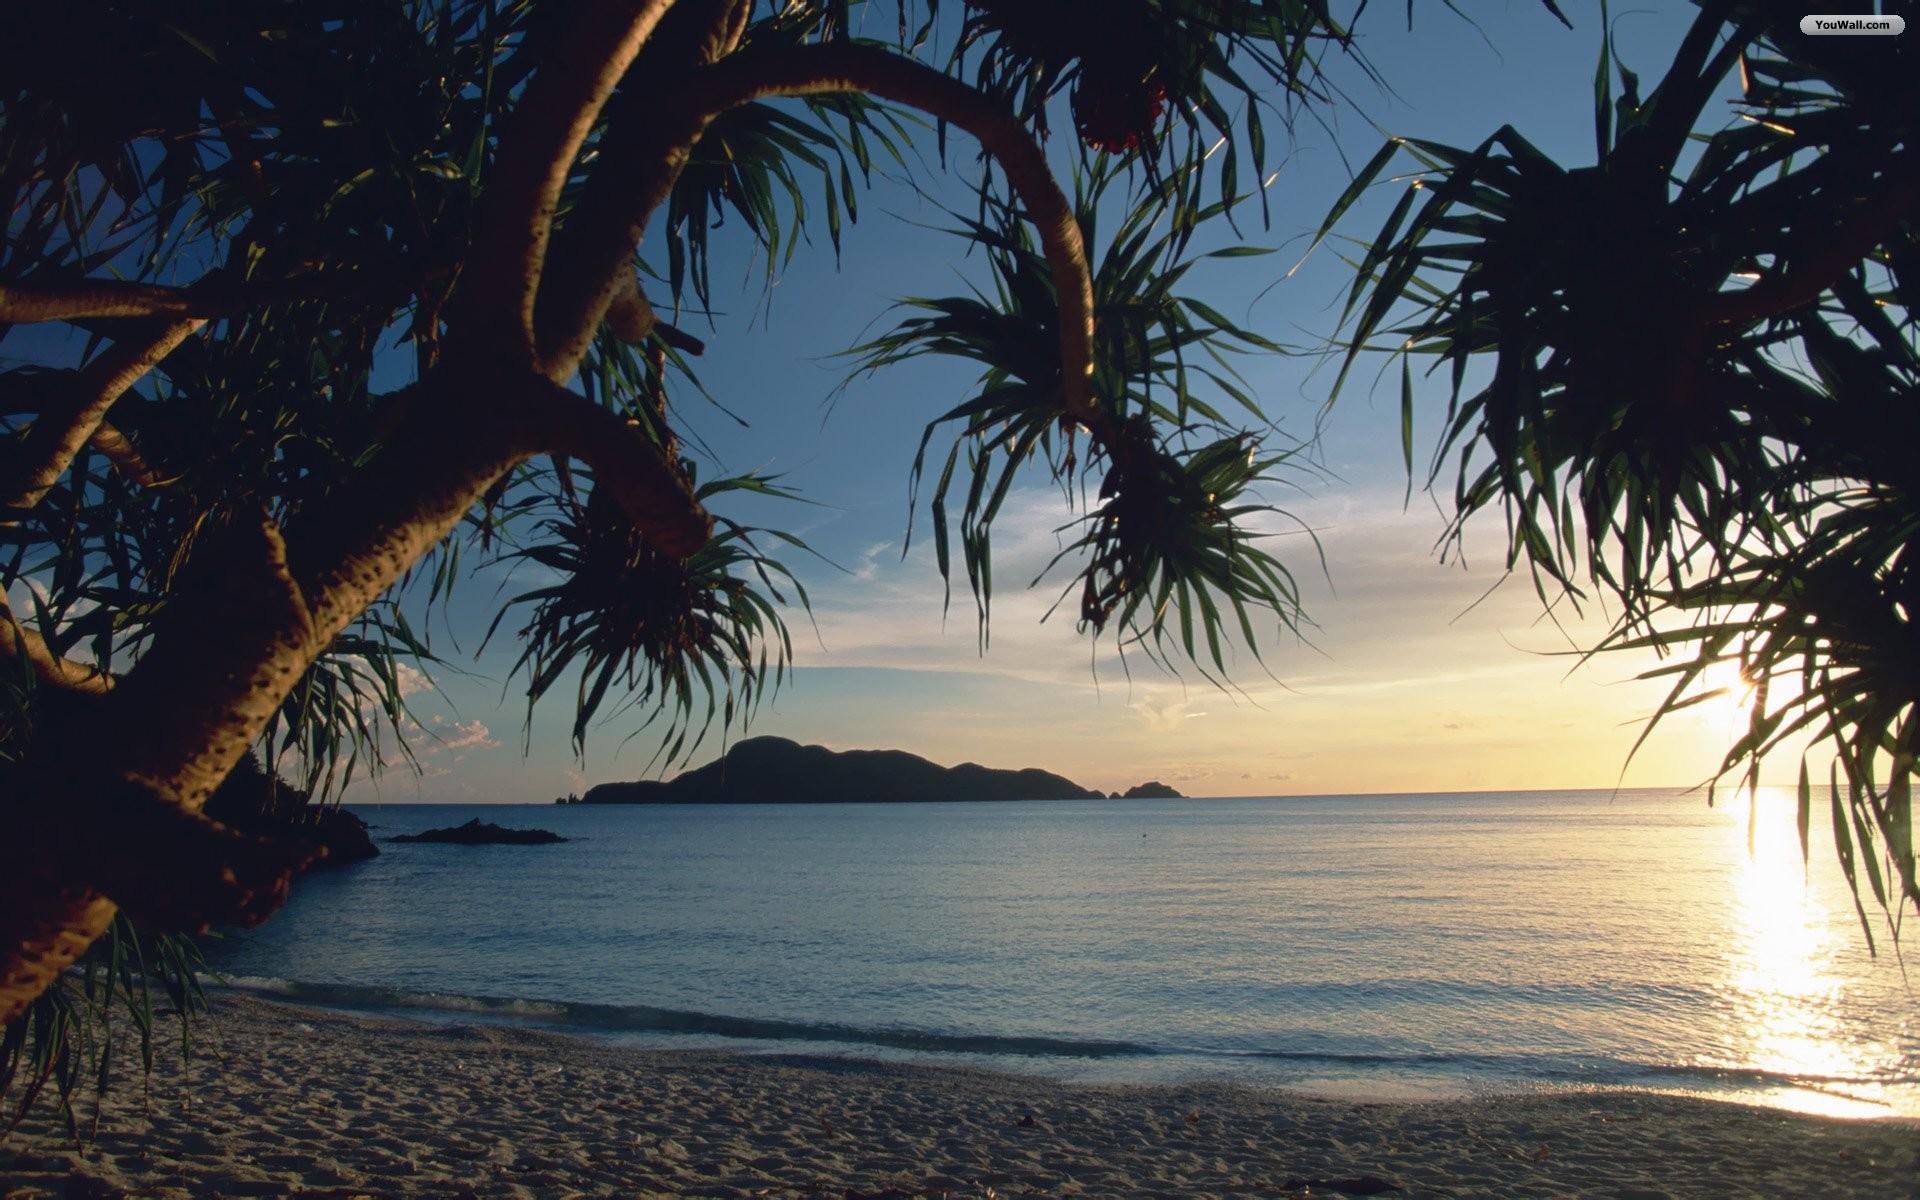 Tropical Sunset HD desktop wallpaper : High Definition 1920×1200 Tropical Sunset  Wallpapers (37